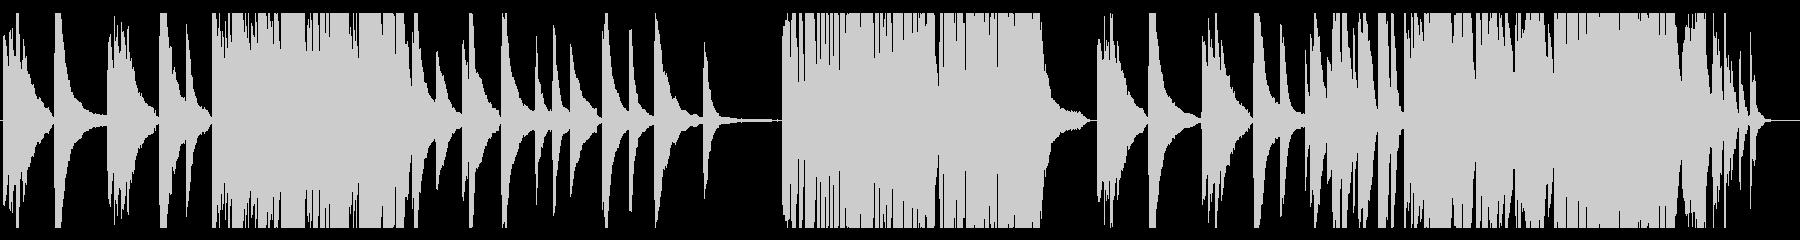 不安を煽るレトロなピアノソロの未再生の波形